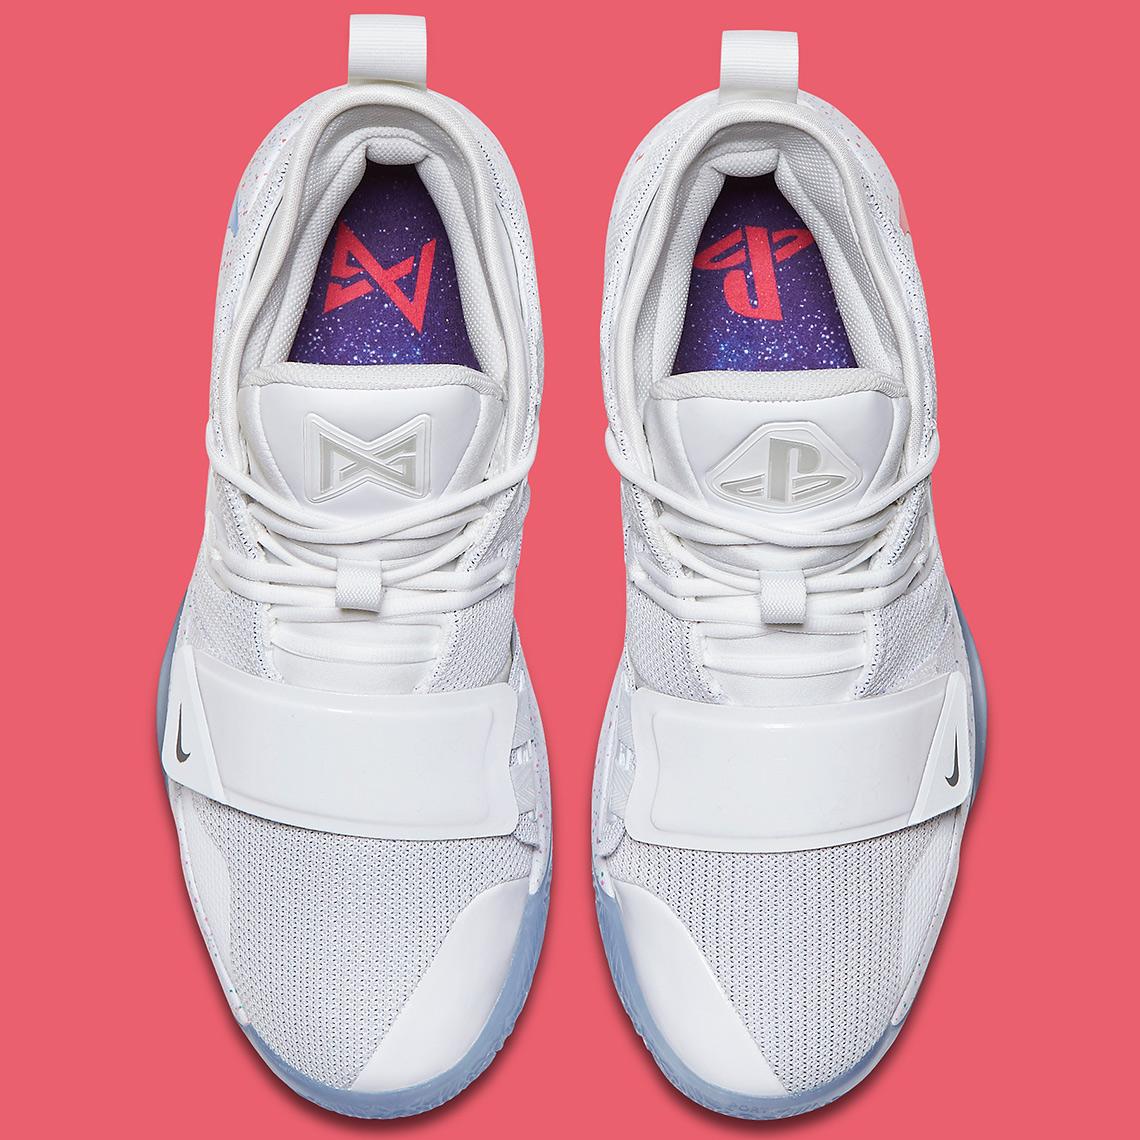 new concept cc6ec ec75c Nike PG 2.5 PlayStation BQ8388-100 Release Info ...